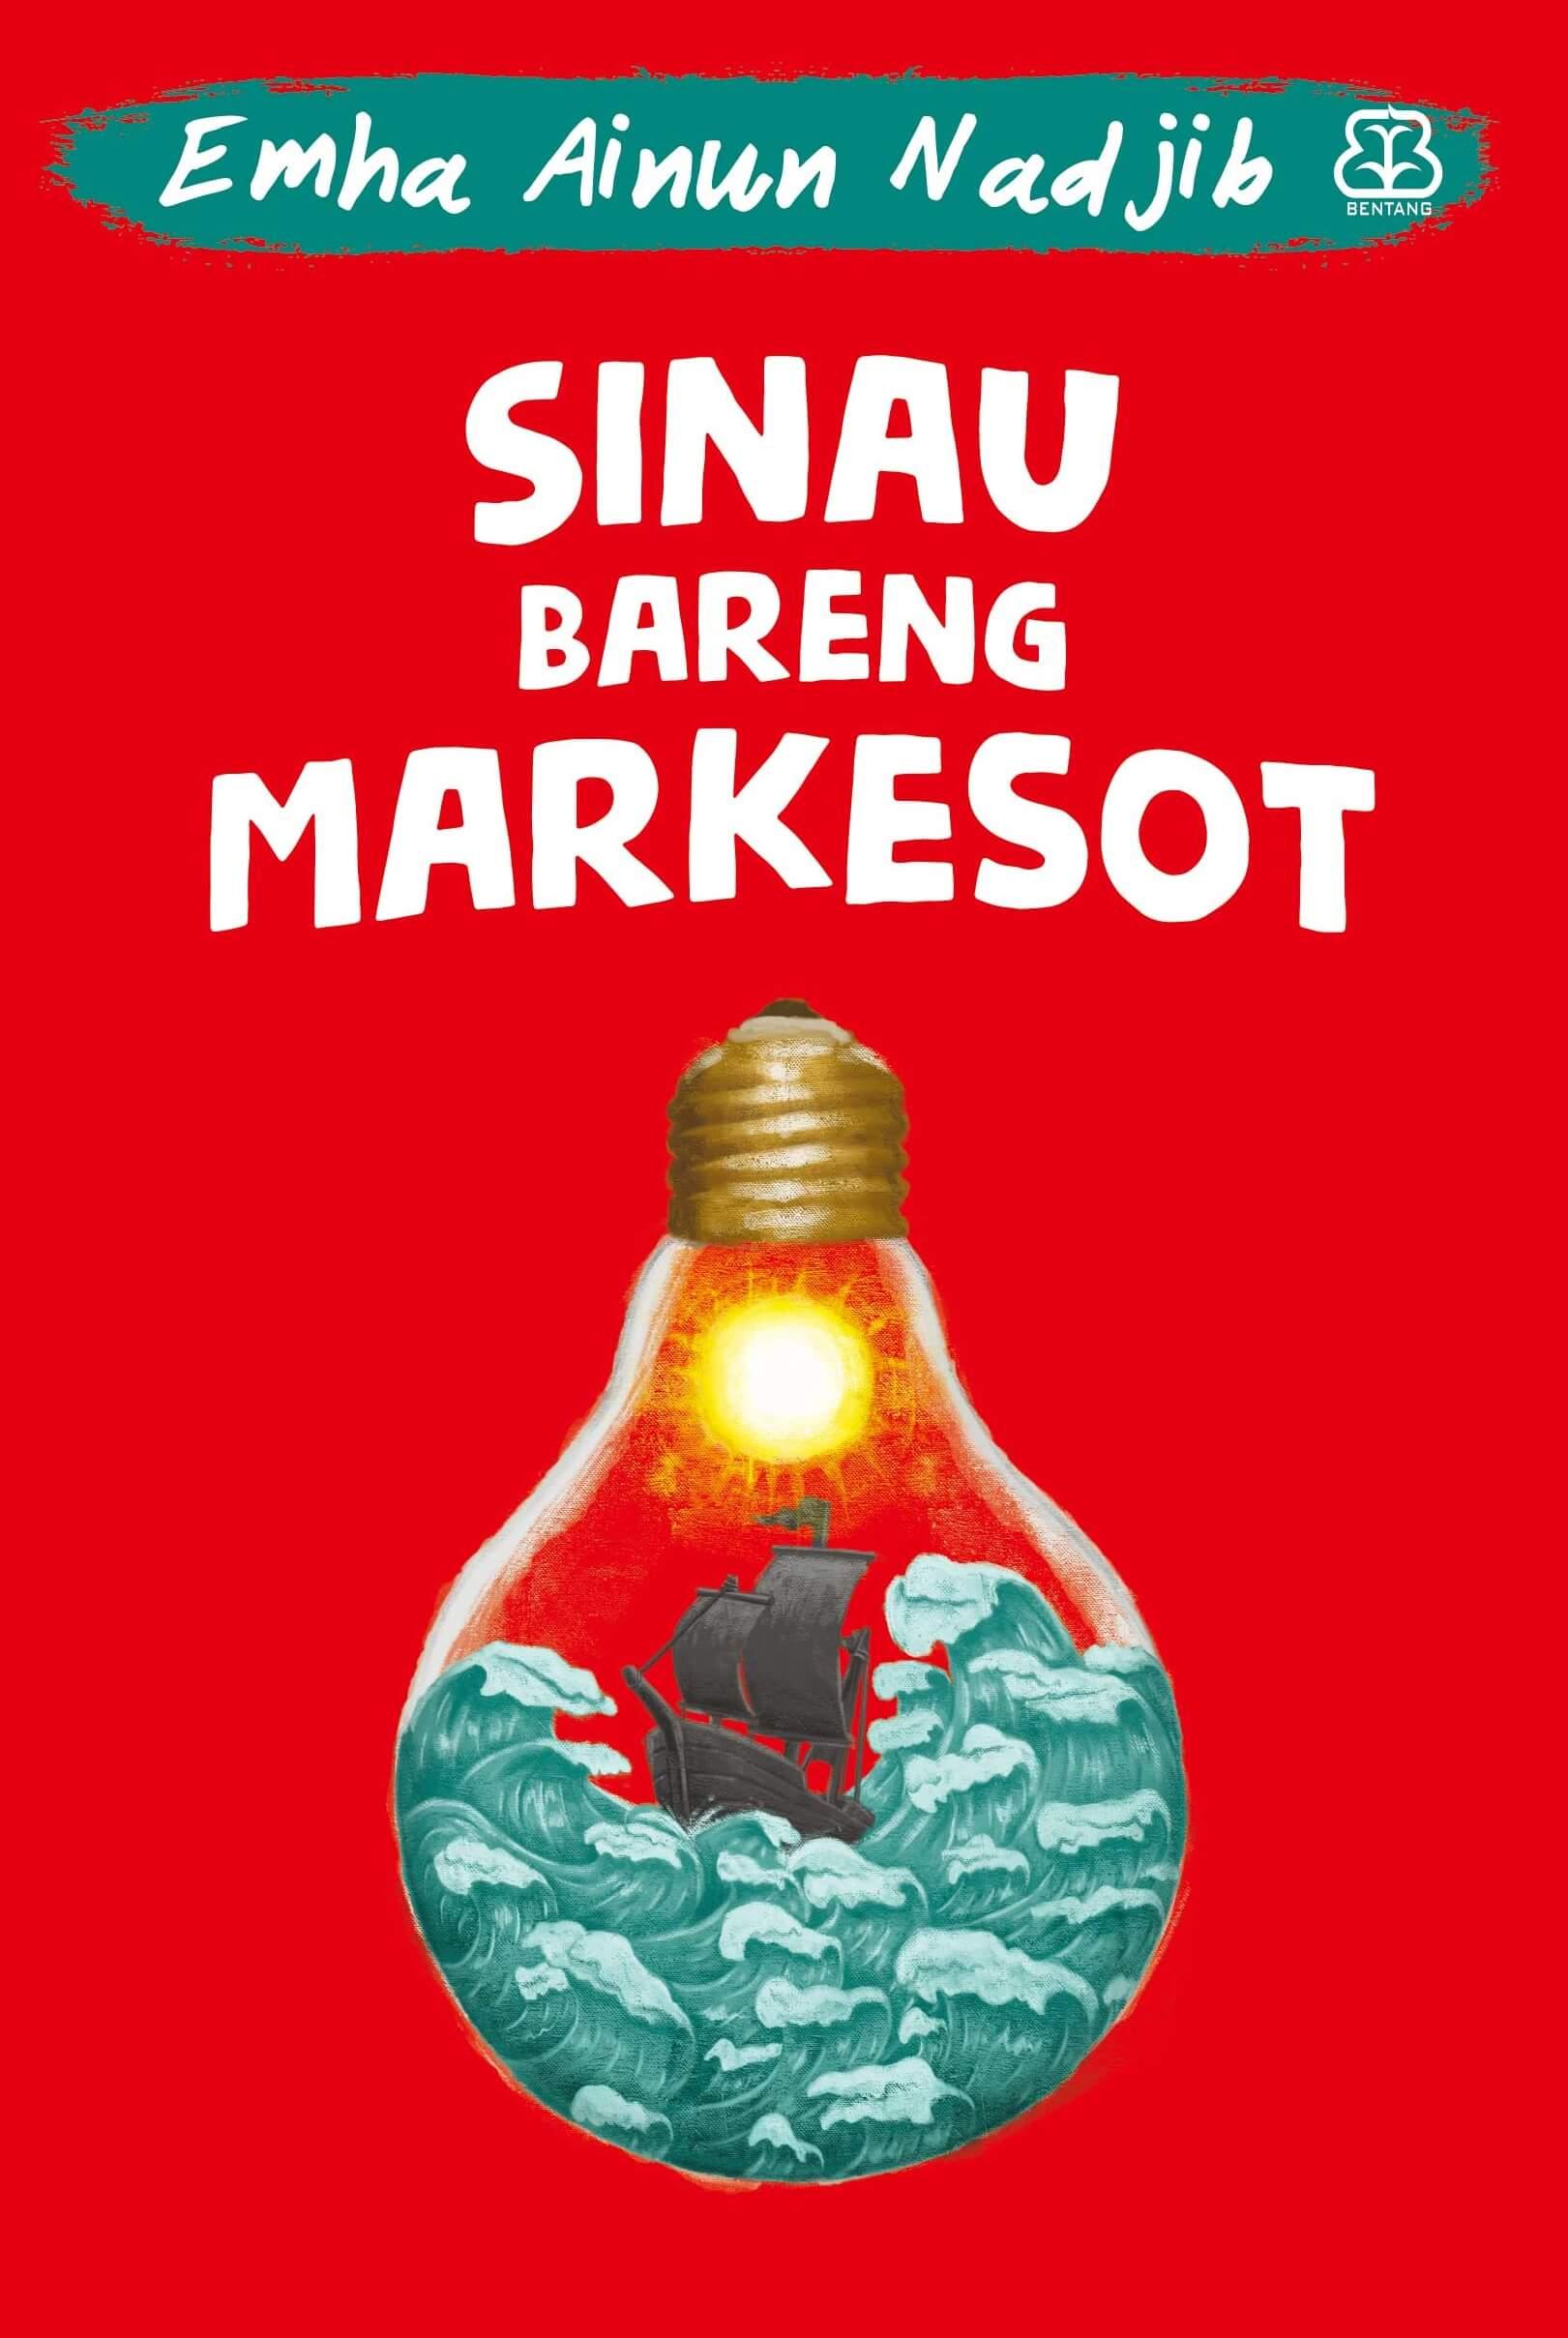 SINAU BARENG MARKESOT (DAUR VII) - Pre Order